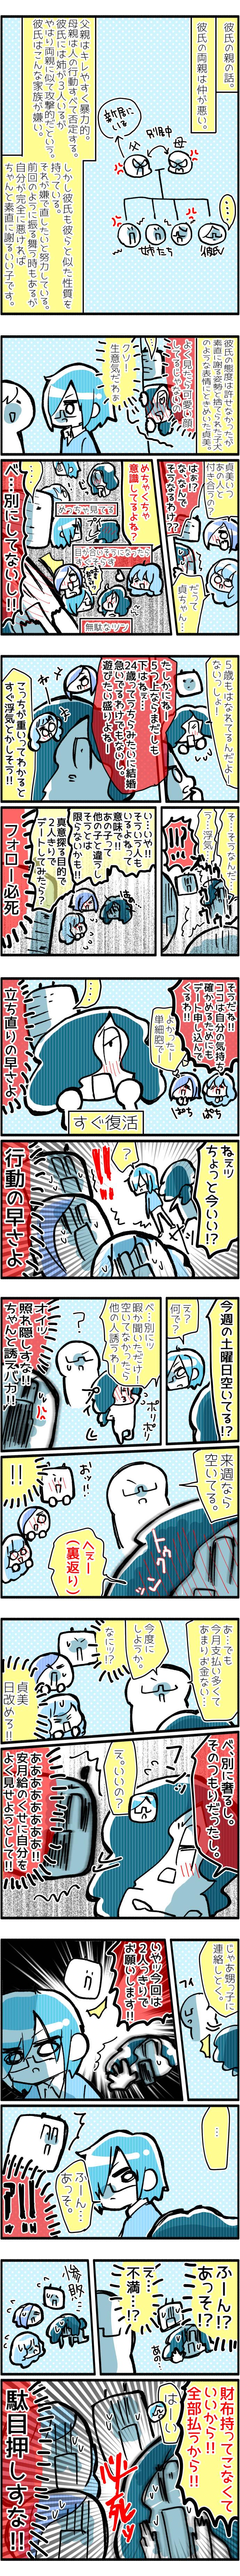 f:id:futagosiroan:20190129194340j:image